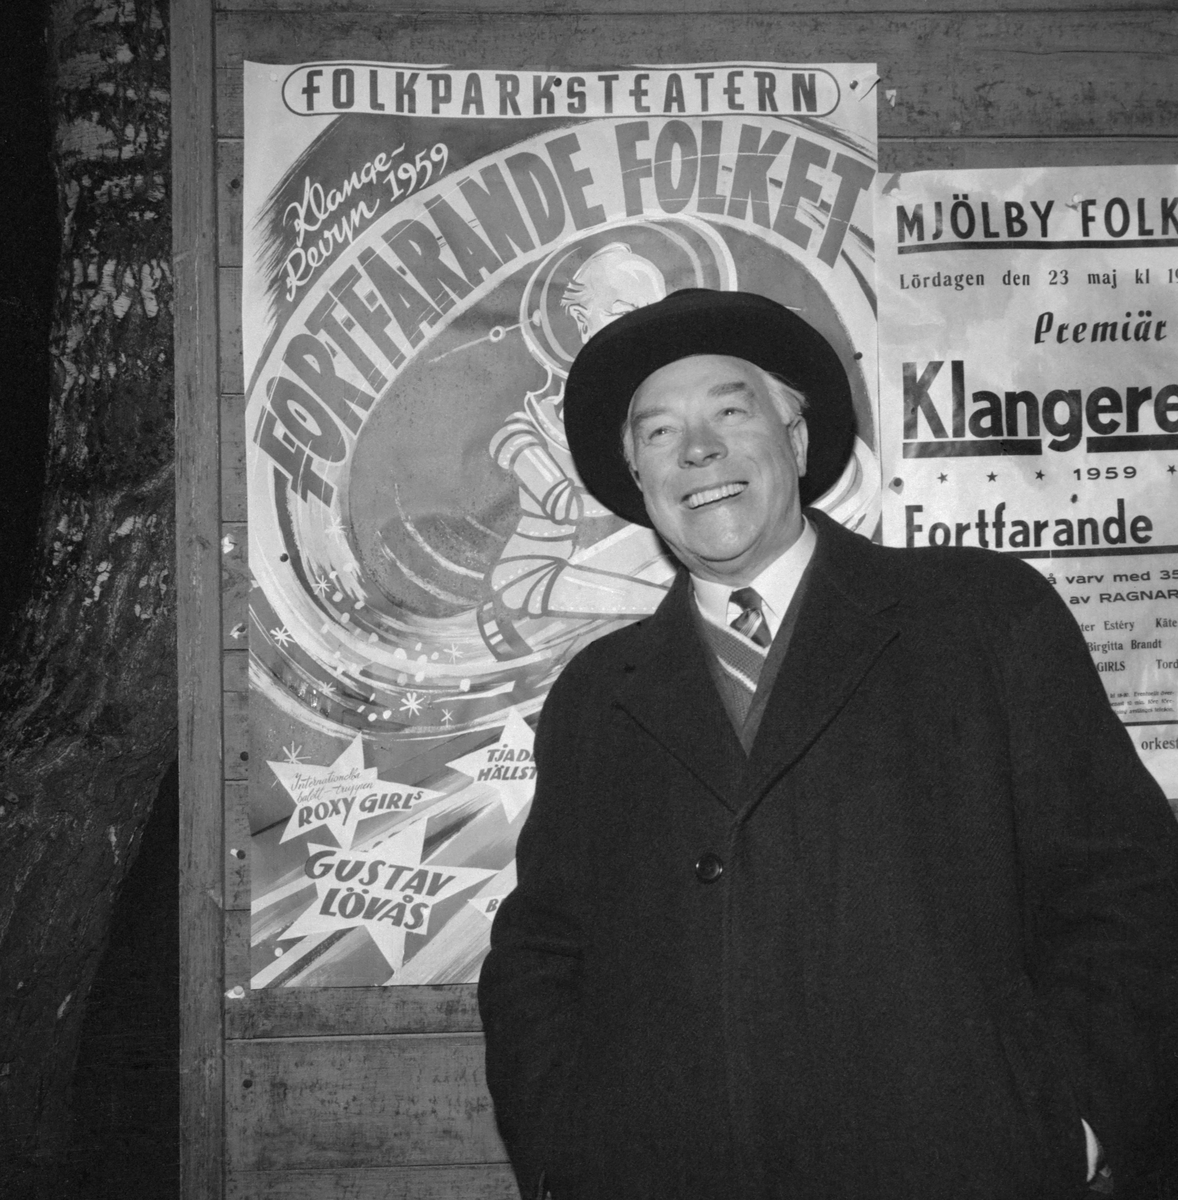 """För många lite till åren komna svenskar är Klangerevyn ett begrepp. Under åren 1935 till 1963 turnerade teaterchefen Ragnar Klange årligen med skiftande ensembler, inte sällan inberäknat Sveriges allra största artister. I revytiteln ingick alltid ordet """"Folket"""". 1959 års turne hade titeln """"Fortfarande folket"""" och premiären hölls i Mjölby folkpark den 23 maj. Bilden visar den glada teaterchefen framför parkens affischering."""